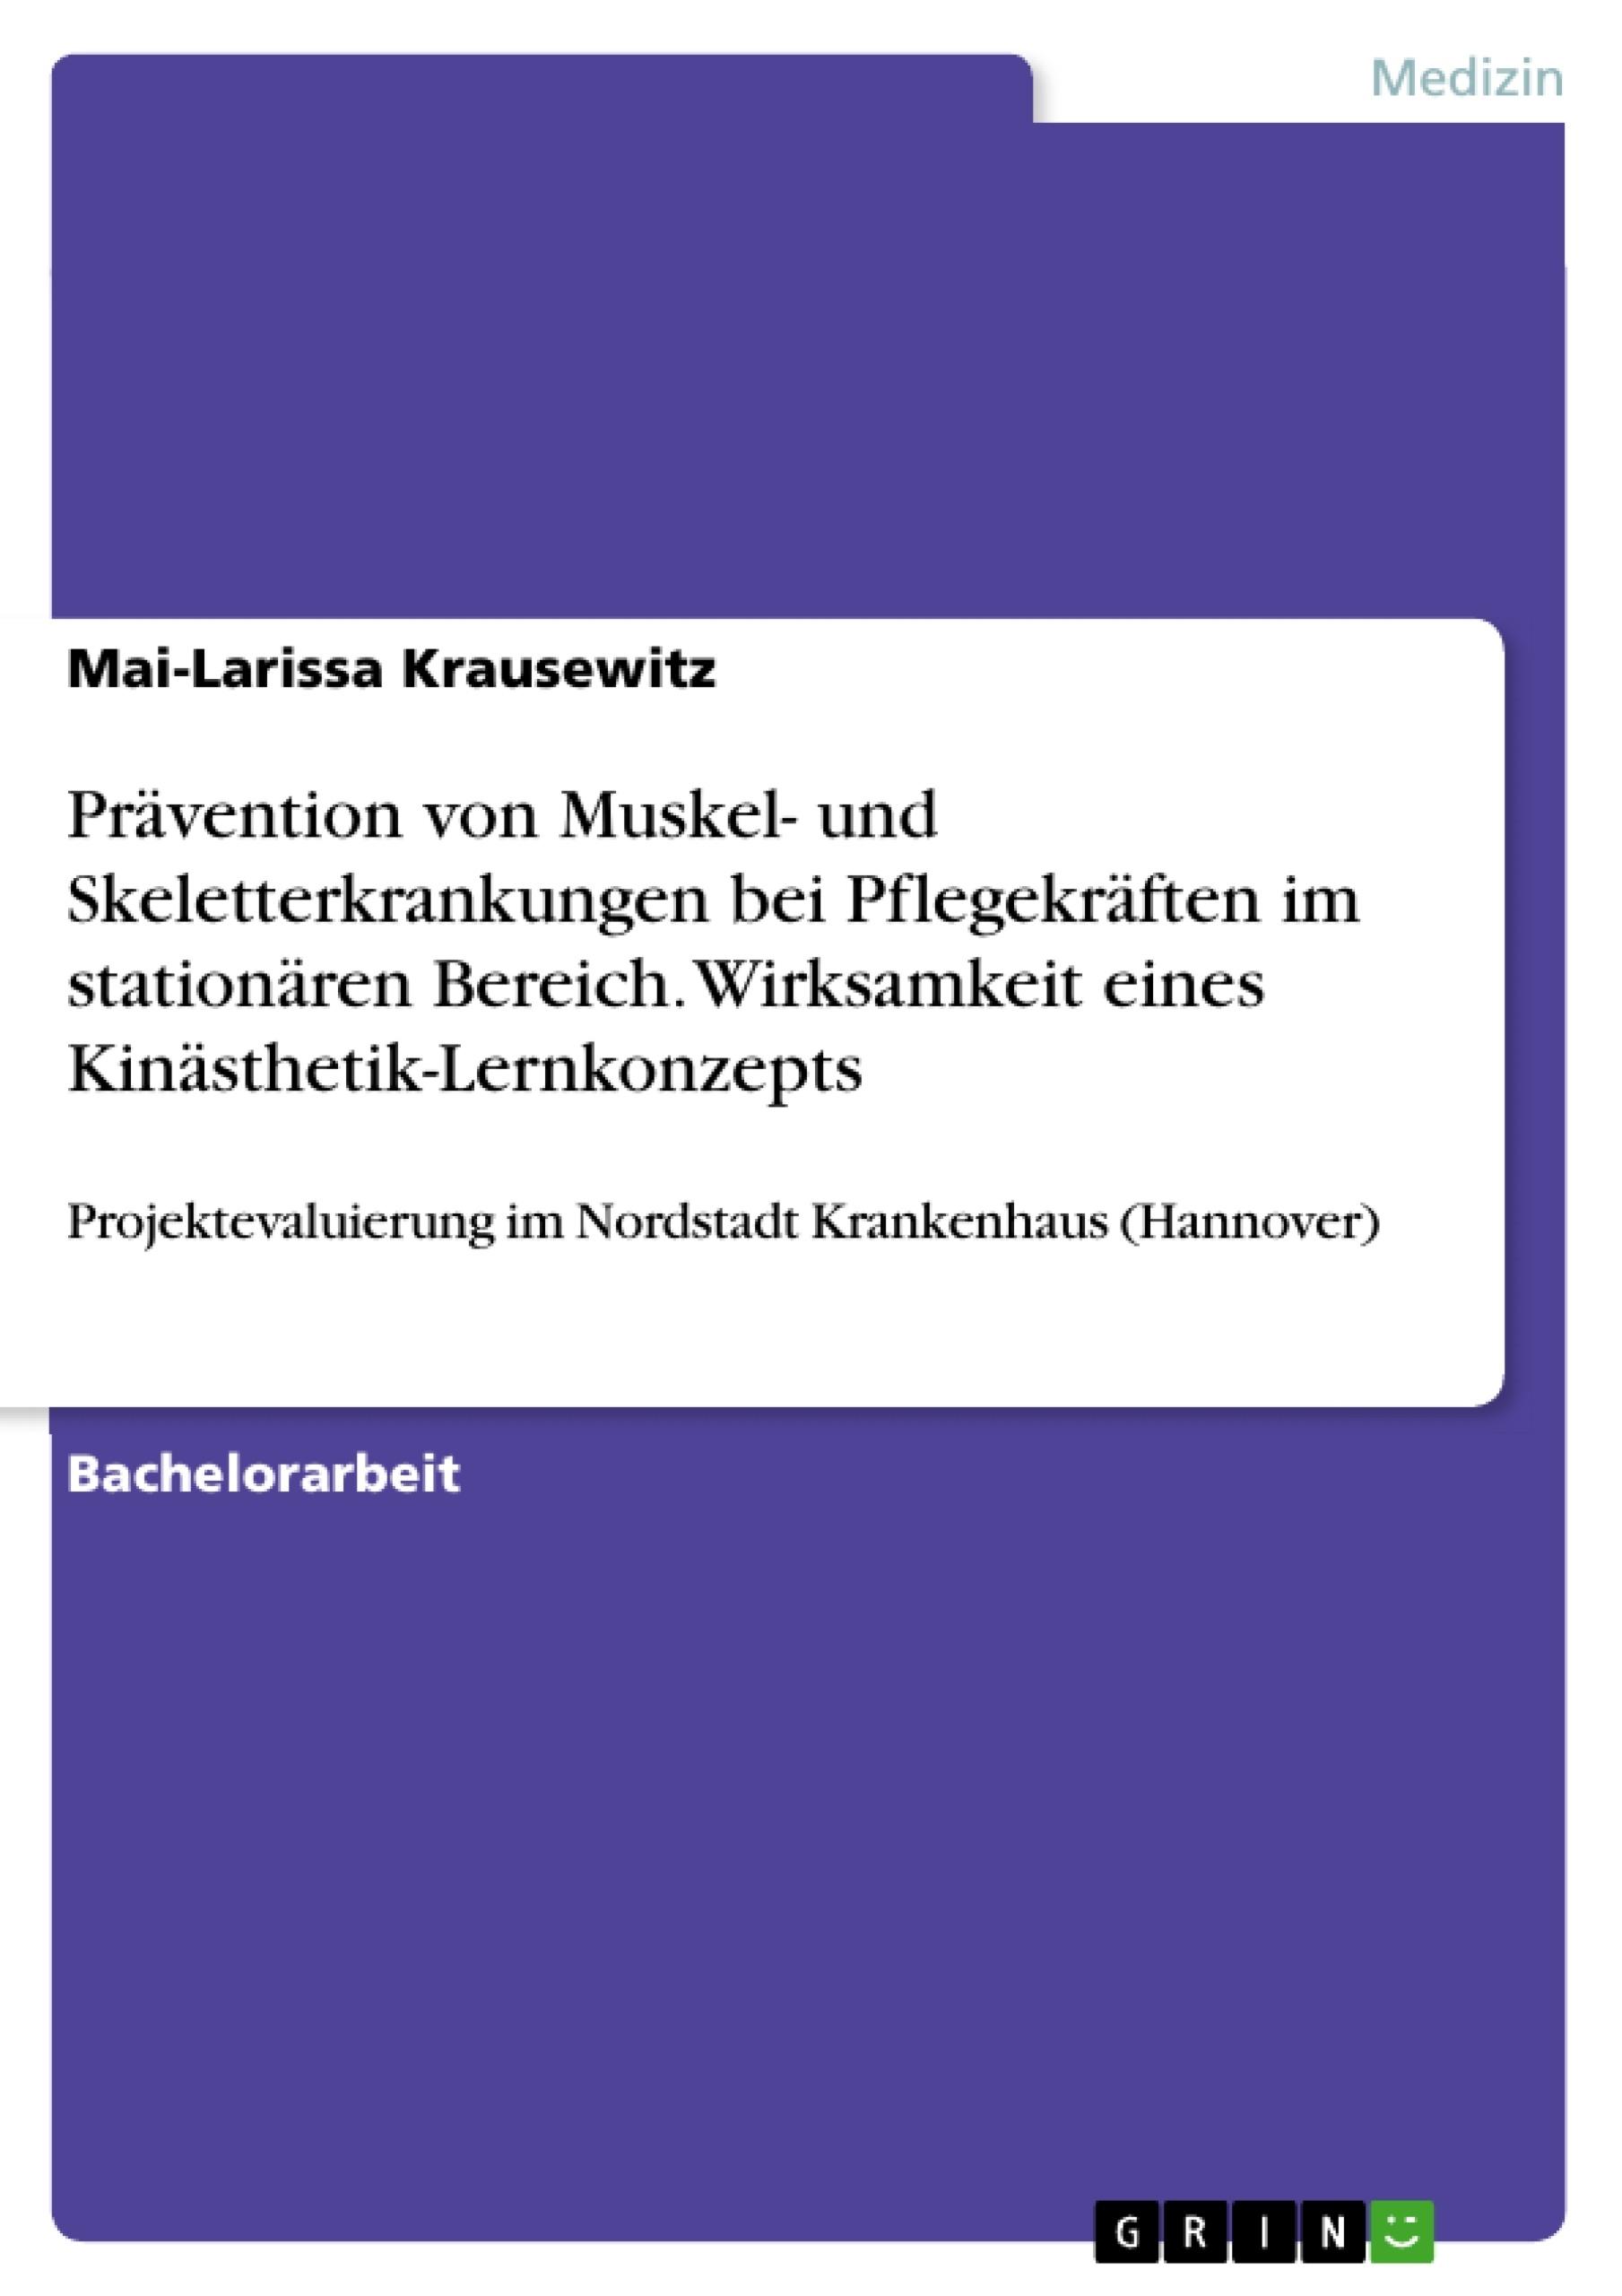 Titel: Prävention von Muskel- und Skeletterkrankungen bei Pflegekräften im stationären Bereich. Wirksamkeit eines Kinästhetik-Lernkonzepts